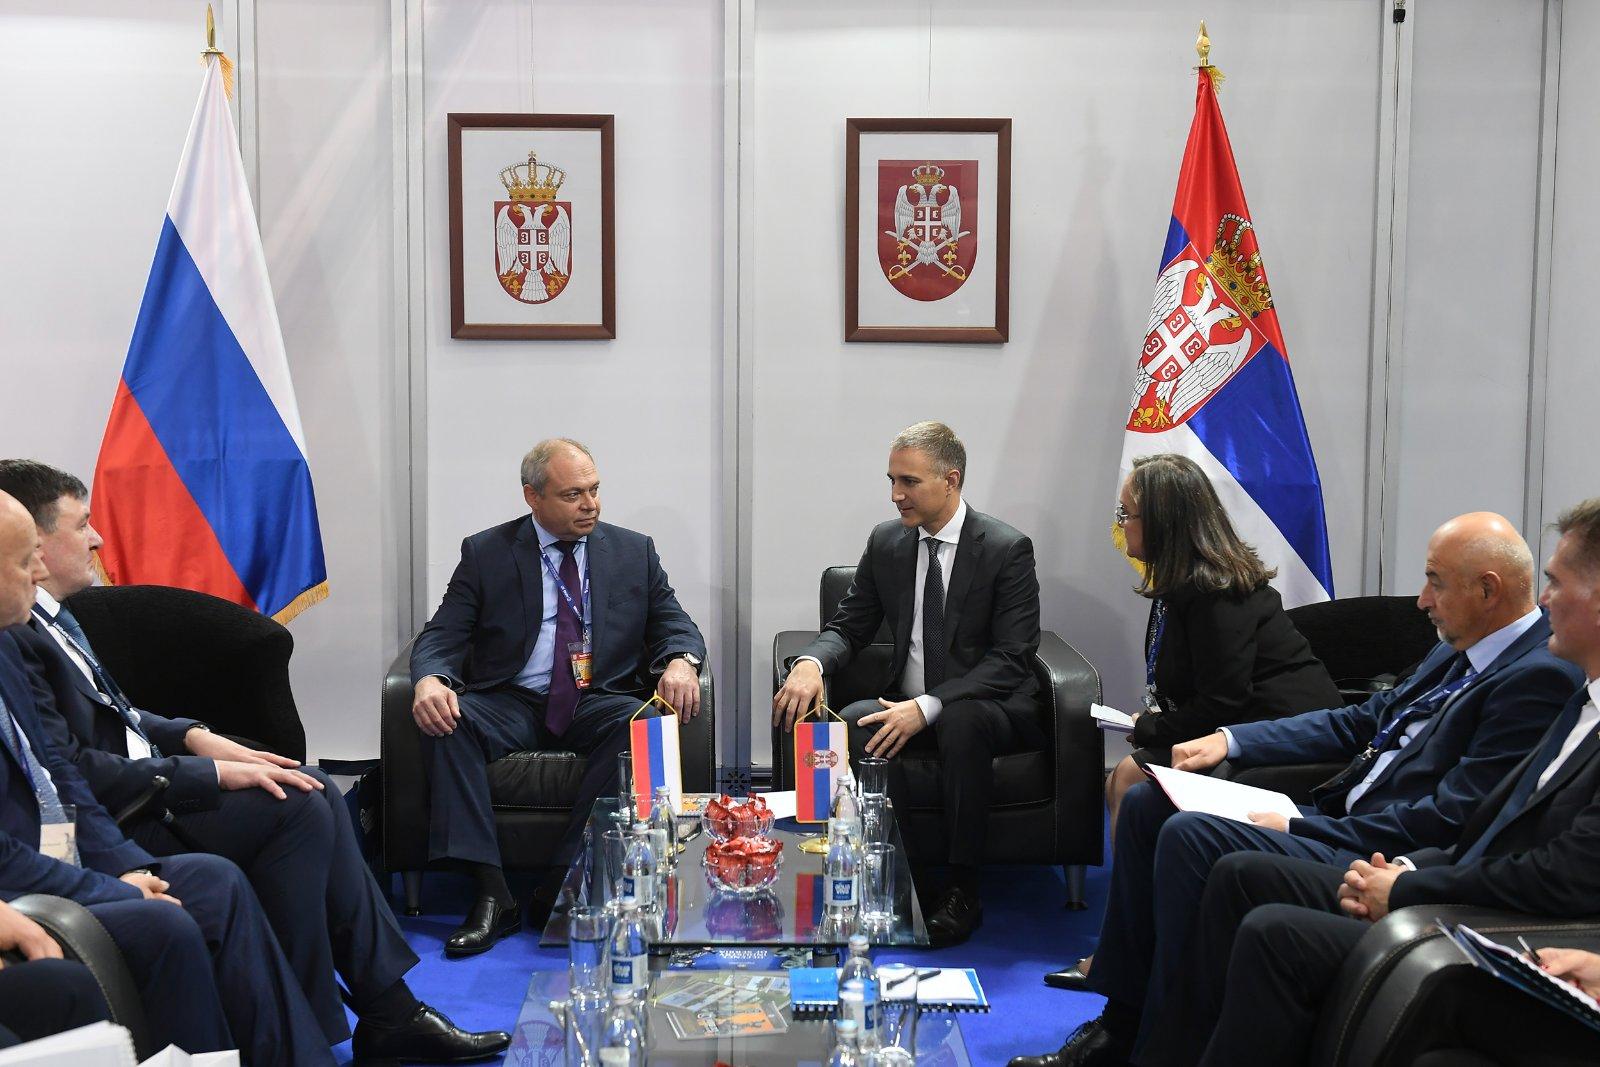 Бојцов: Односи Русије и Срнбије у области одбране на изузетном нивоу